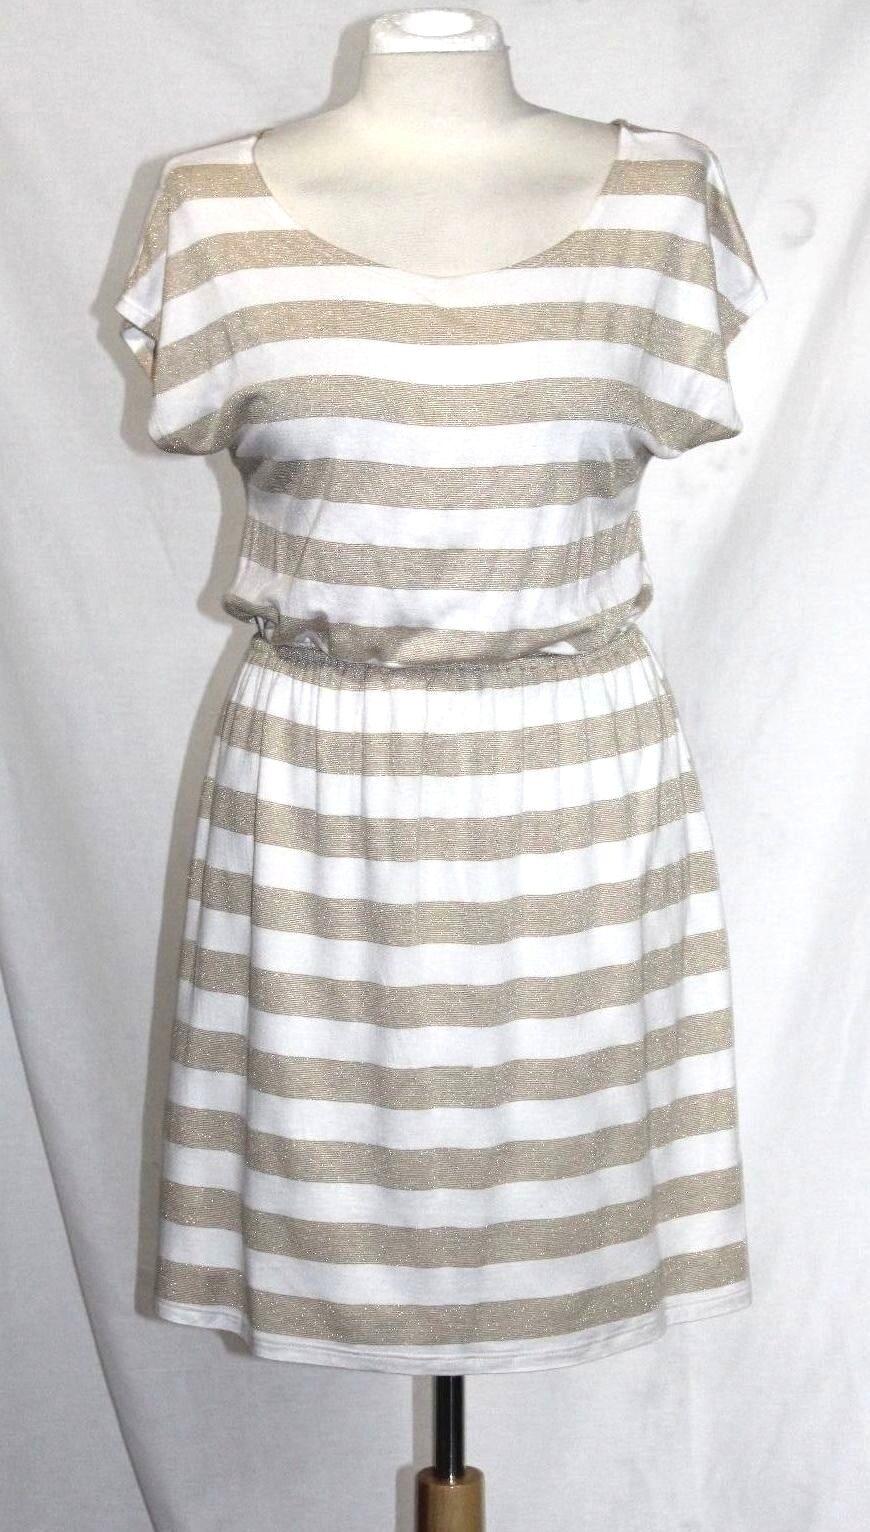 Buttons Anthropologie 1 S M Gold & Elfenbein gestreift 32% Lurex Tunika Kleid